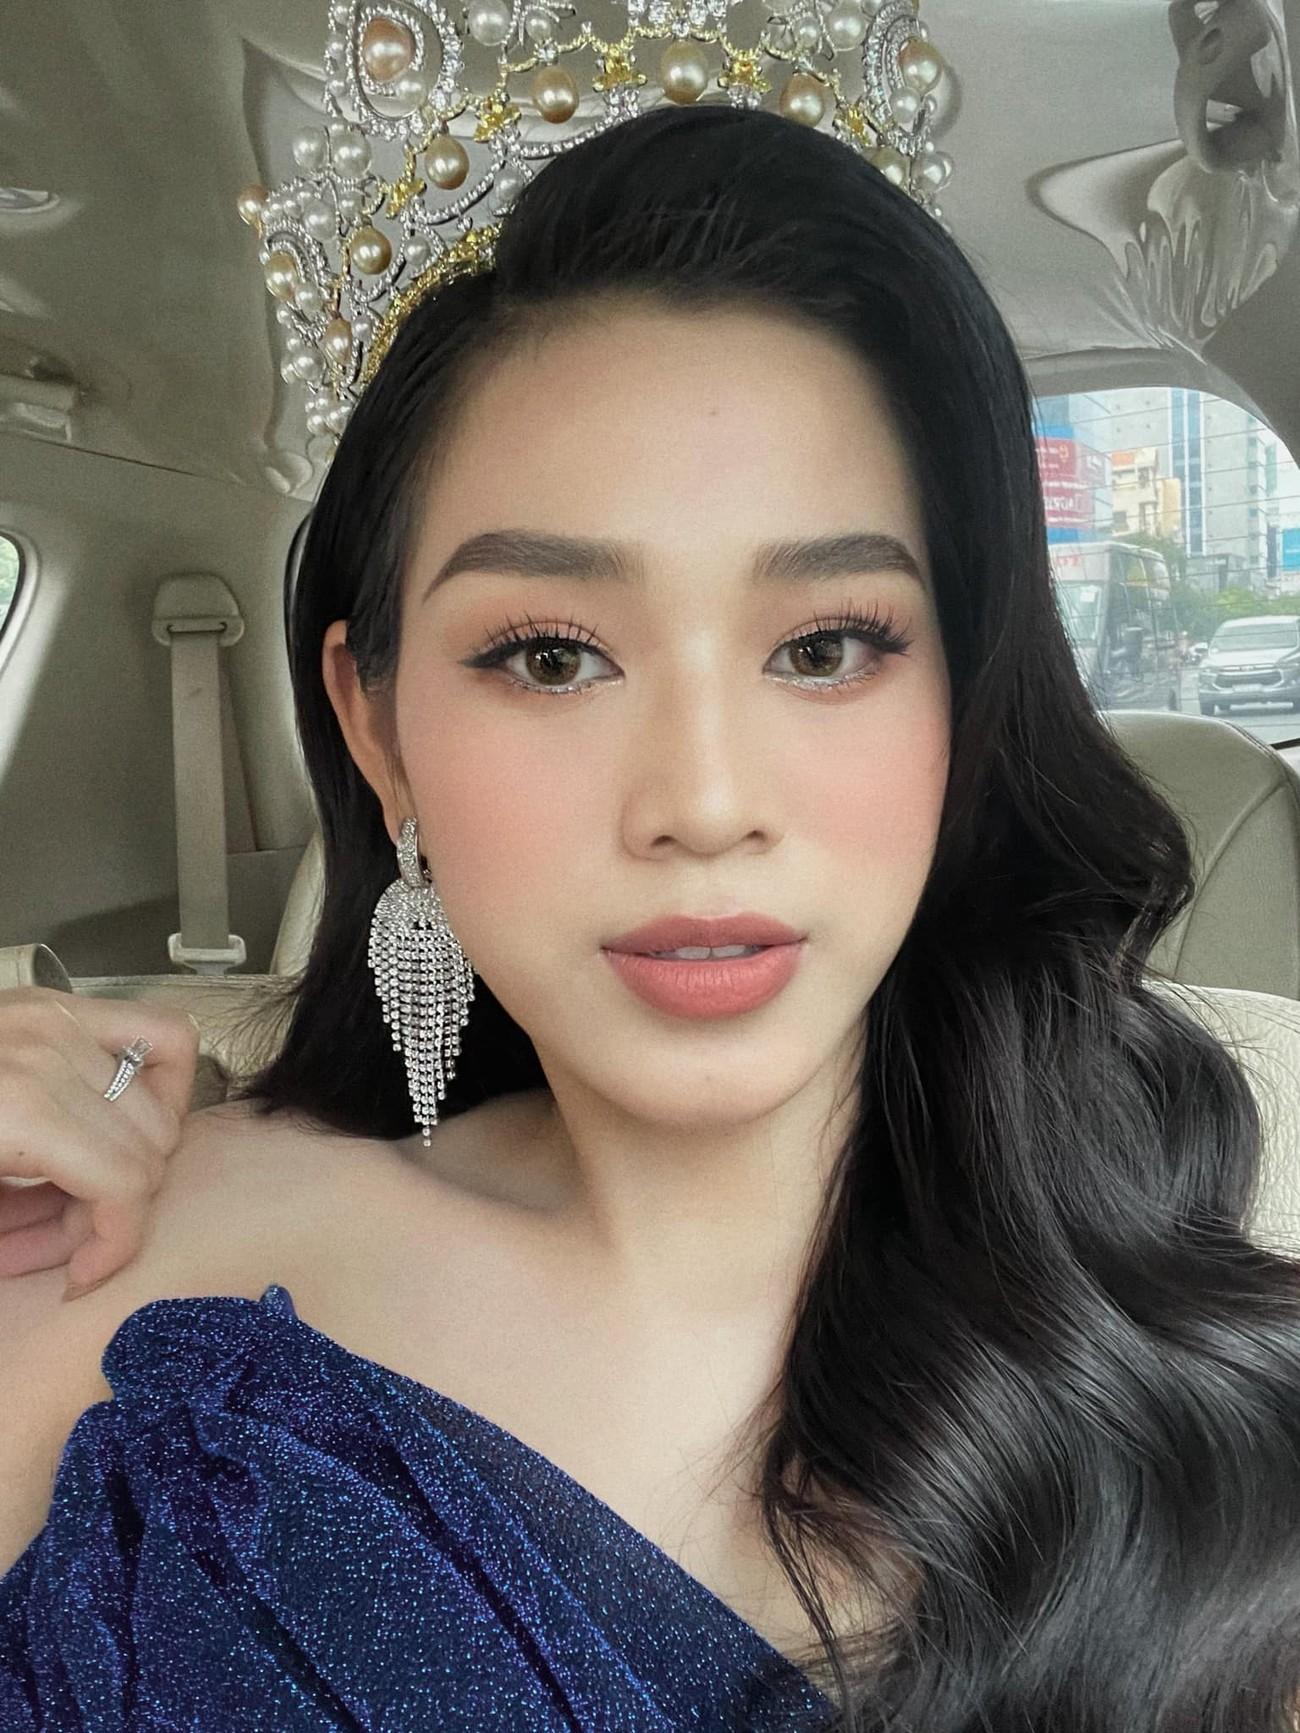 Hoa hậu Đỗ Thị Hà đội vương miện lộng lẫy dự sự kiện, H'Hen Niê hoá công chúa Disney ảnh 1